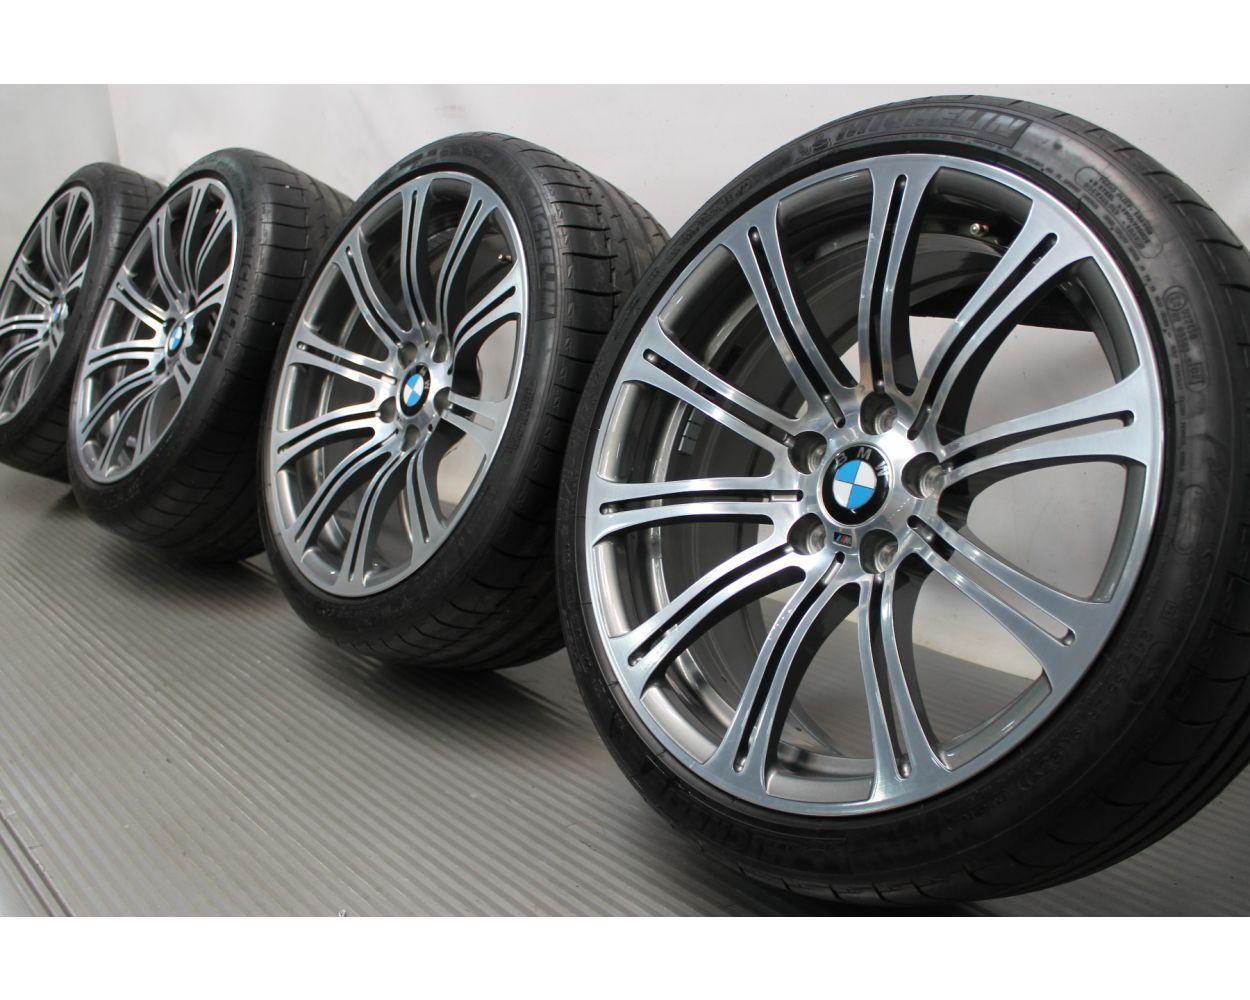 Bmw Summer Wheels 3er E90 E91 E92 E93 19 Zoll 313 M Double Spoke Rdc